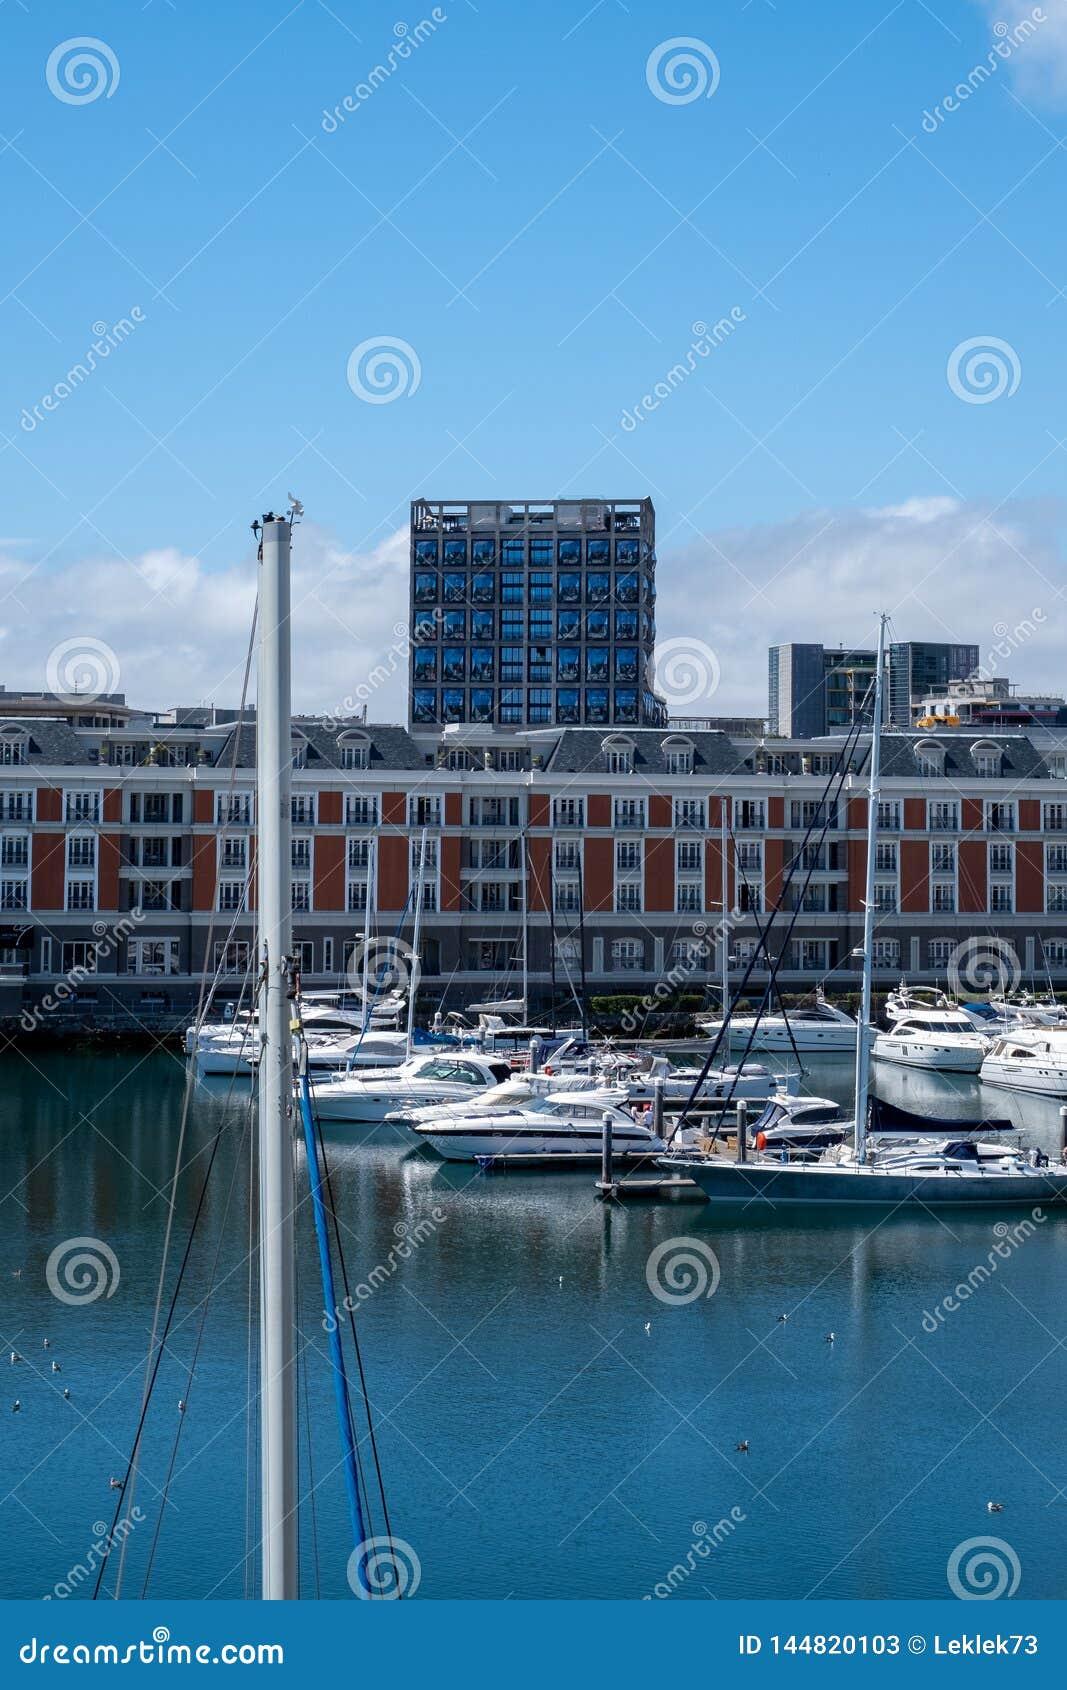 Взгляд портового района V&A, включая новый музей Zeitz Mocaa современного искусства Африки, Кейптаун, Южная Африка